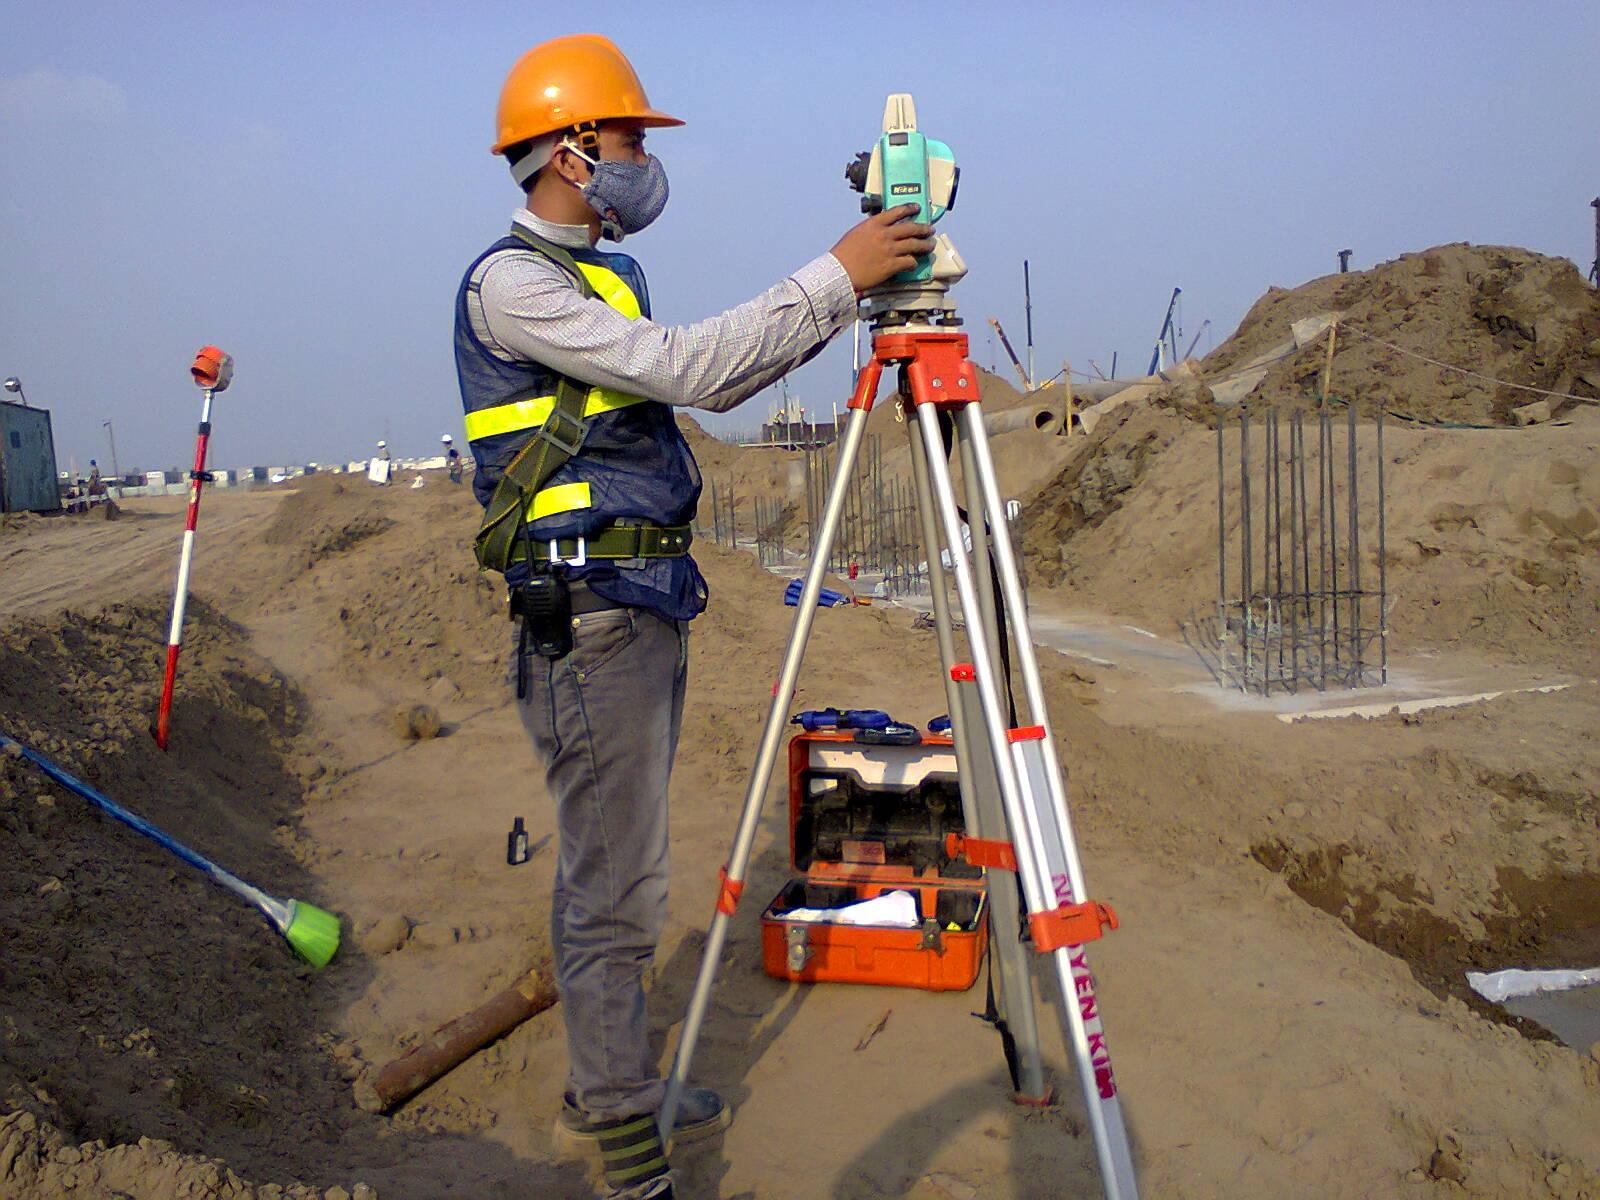 Hình ảnh khảo sát địa chất kỹ thuật